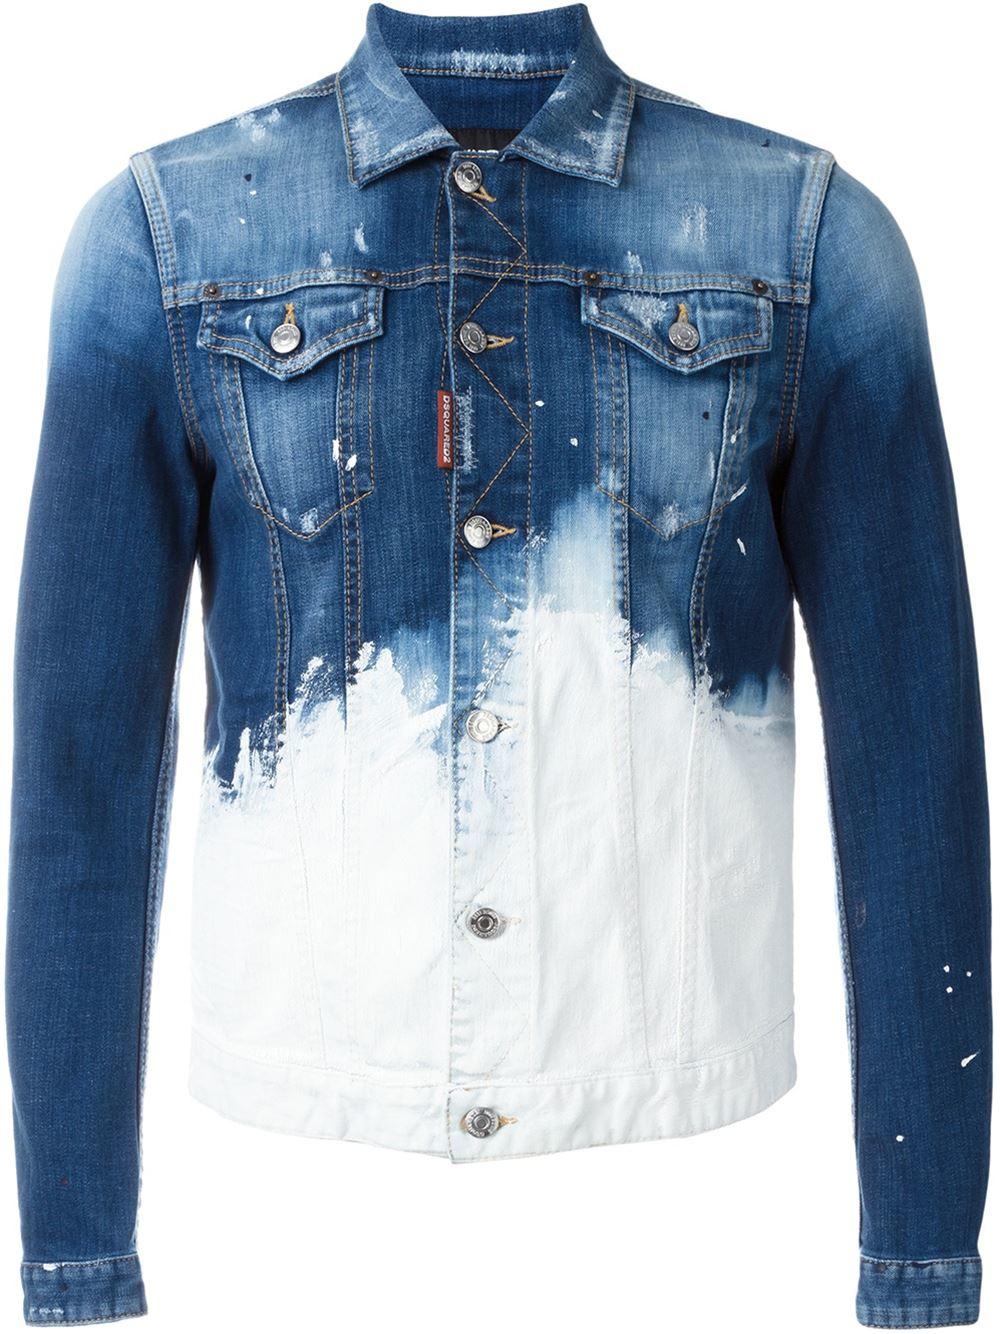 Dsquared² Paint Splatter Denim Jacket in Blue for Men